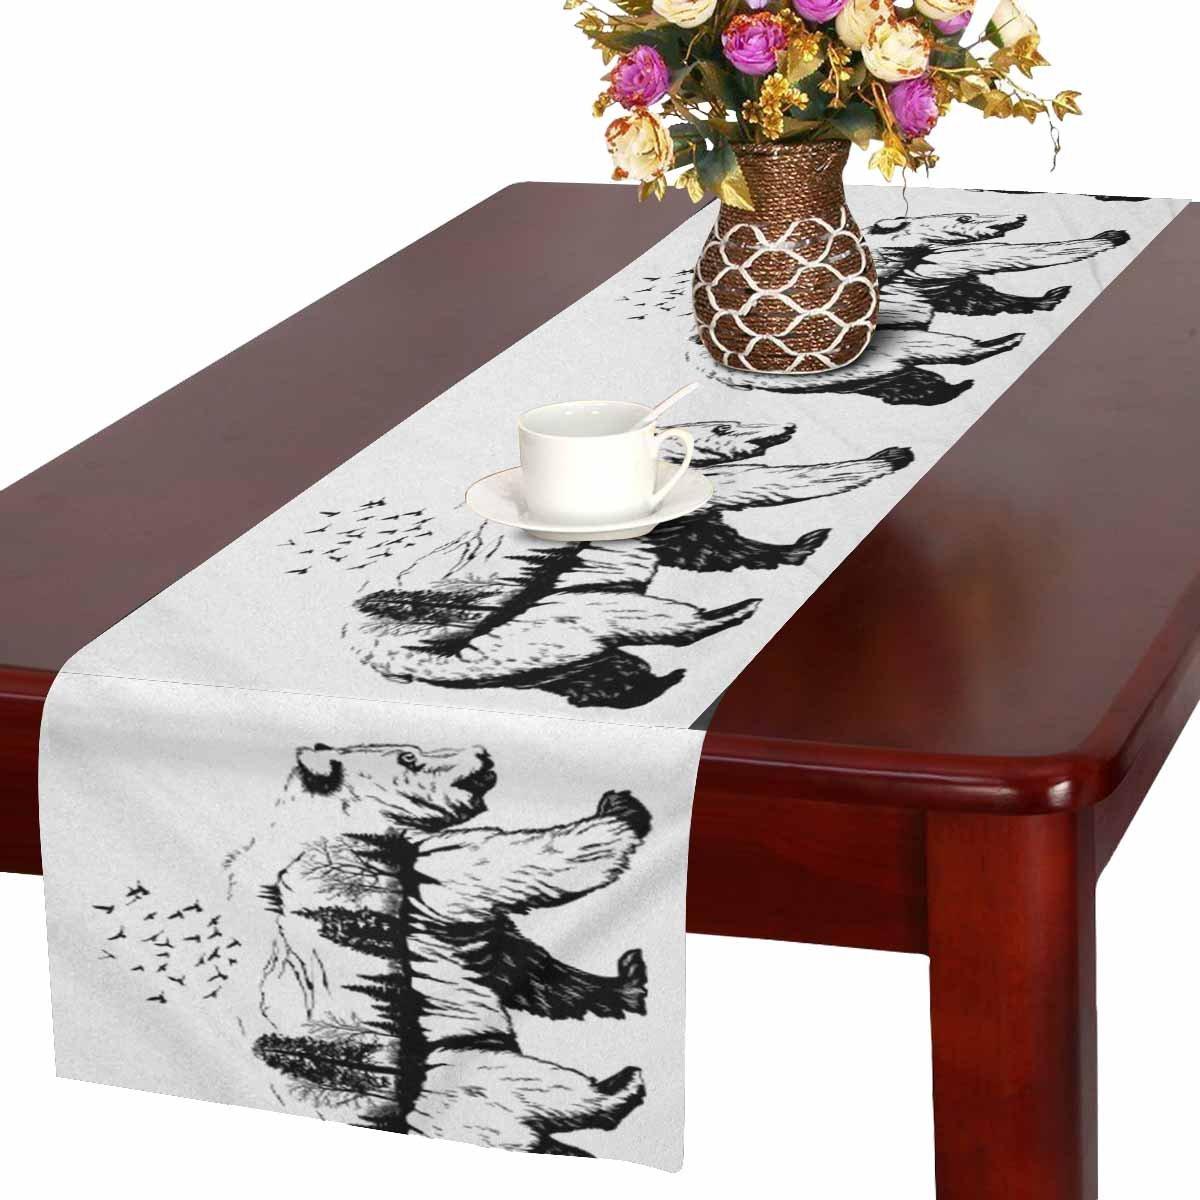 interestprint可愛い動物ペンギンwith Polka Dotsテーブルランナーコットンリネン布プレースマットfor Officeキッチンダイニングウェディングパーティー宴会16 x 72インチ Table Runner 16